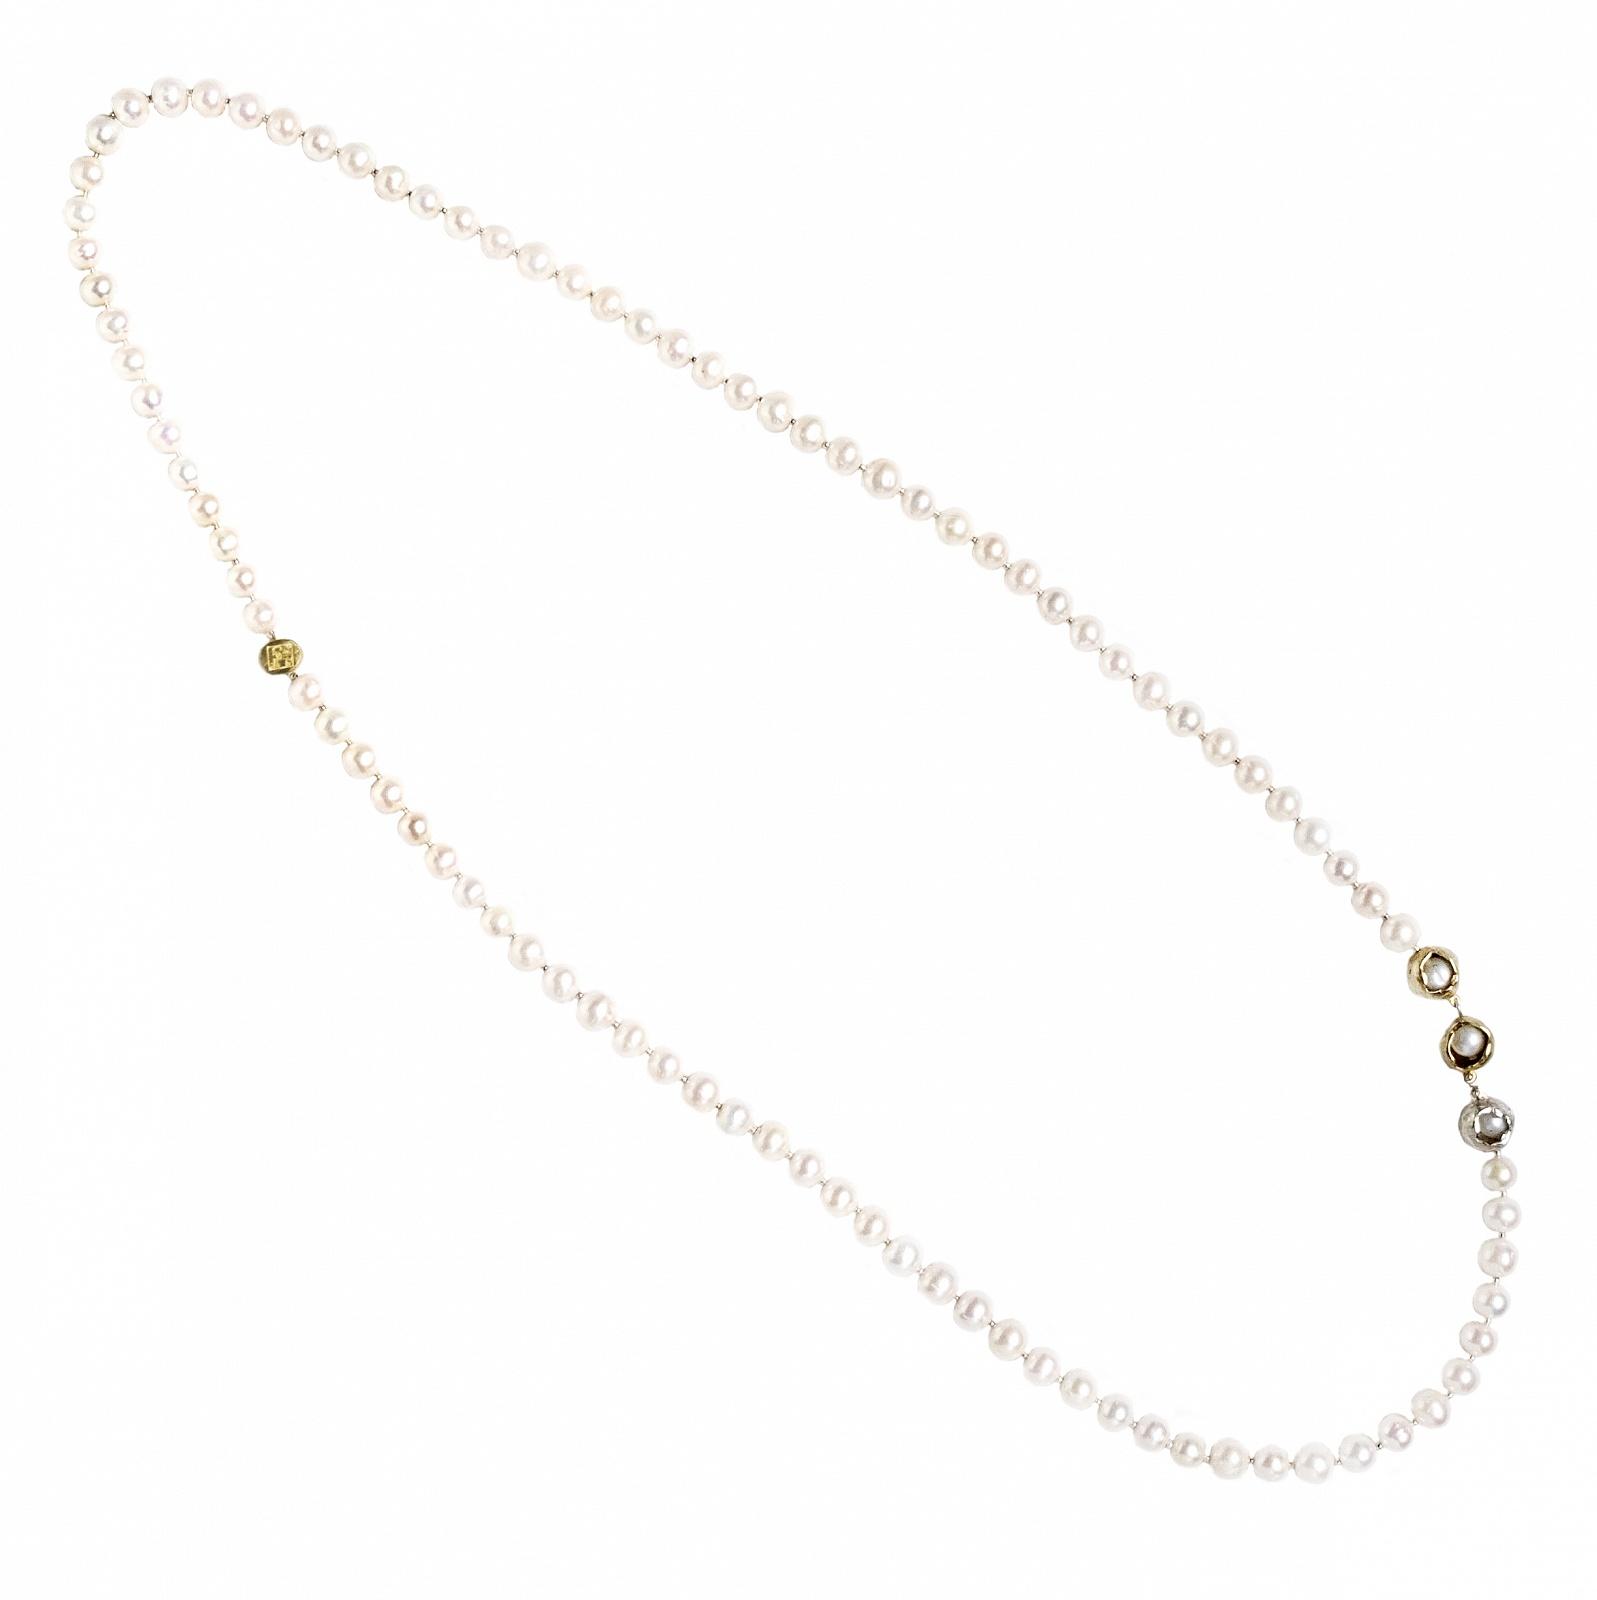 Perla Che Danza Small-Silver-Bronze-Pearls